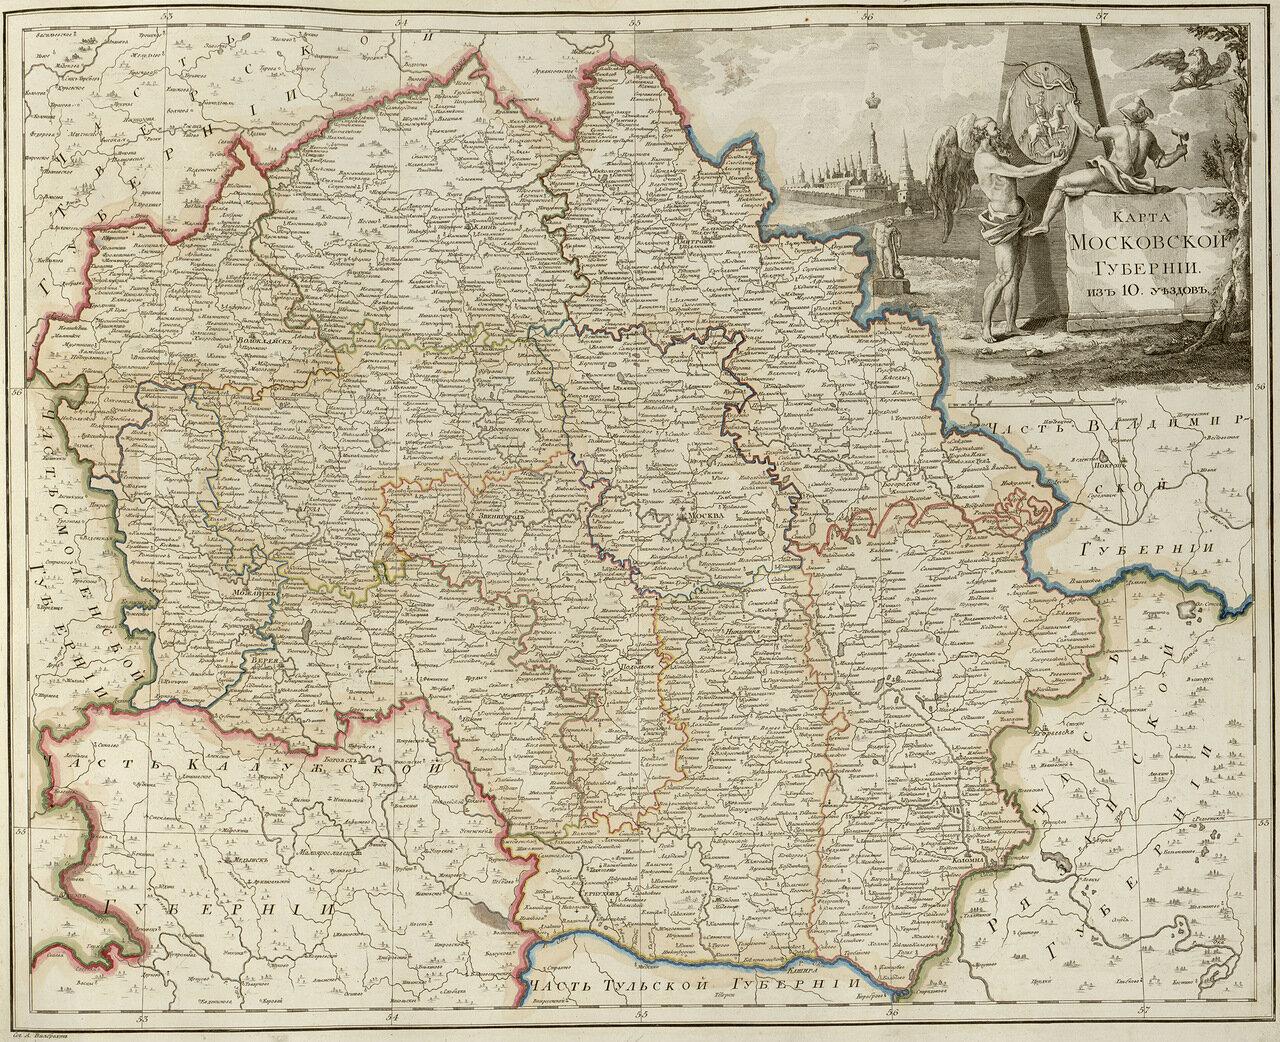 15. Карта Московской губернии